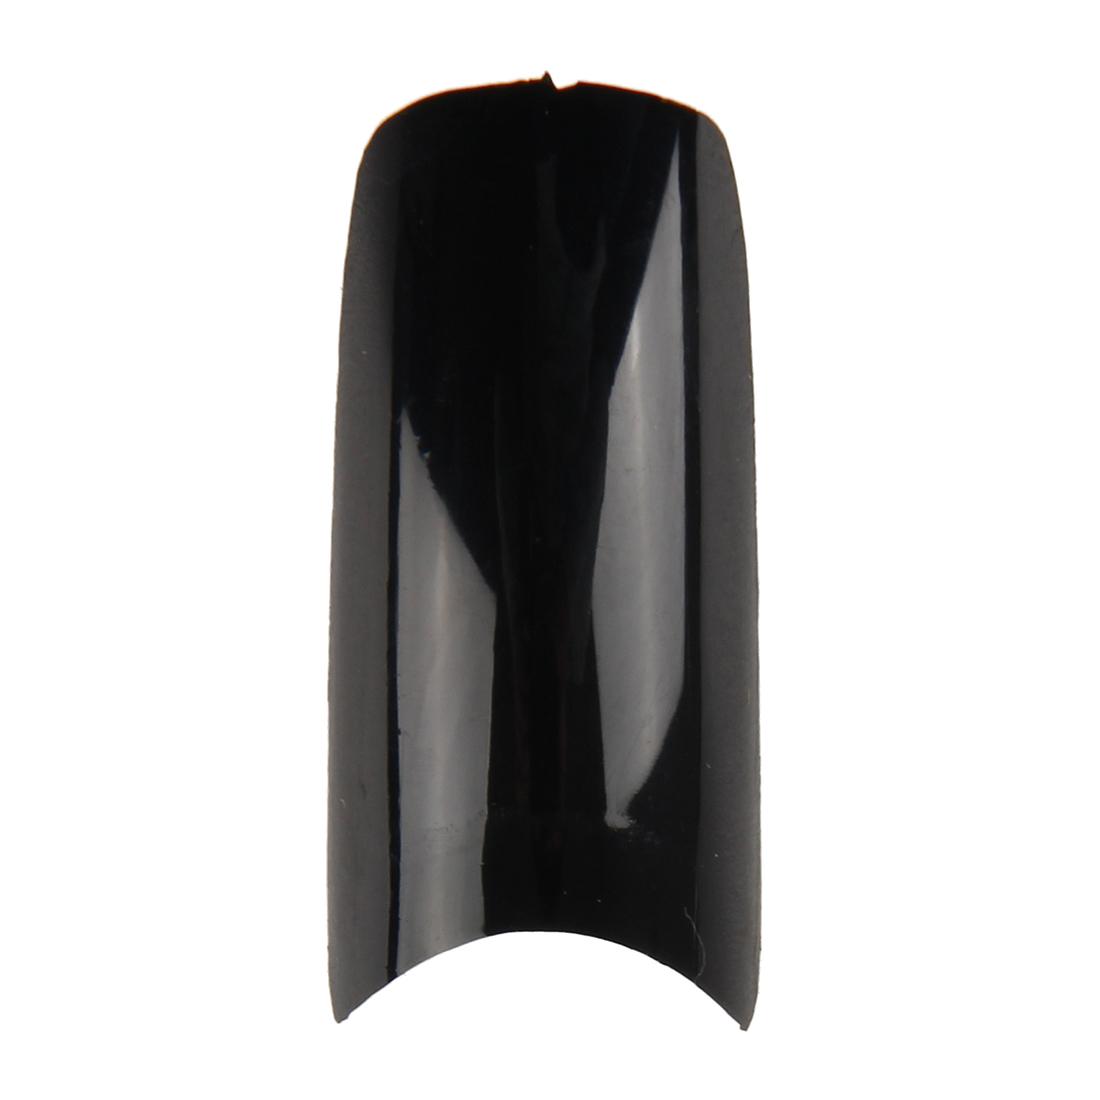 s2 500 x french nagel tips k nstliche fingernaegel schwarz. Black Bedroom Furniture Sets. Home Design Ideas